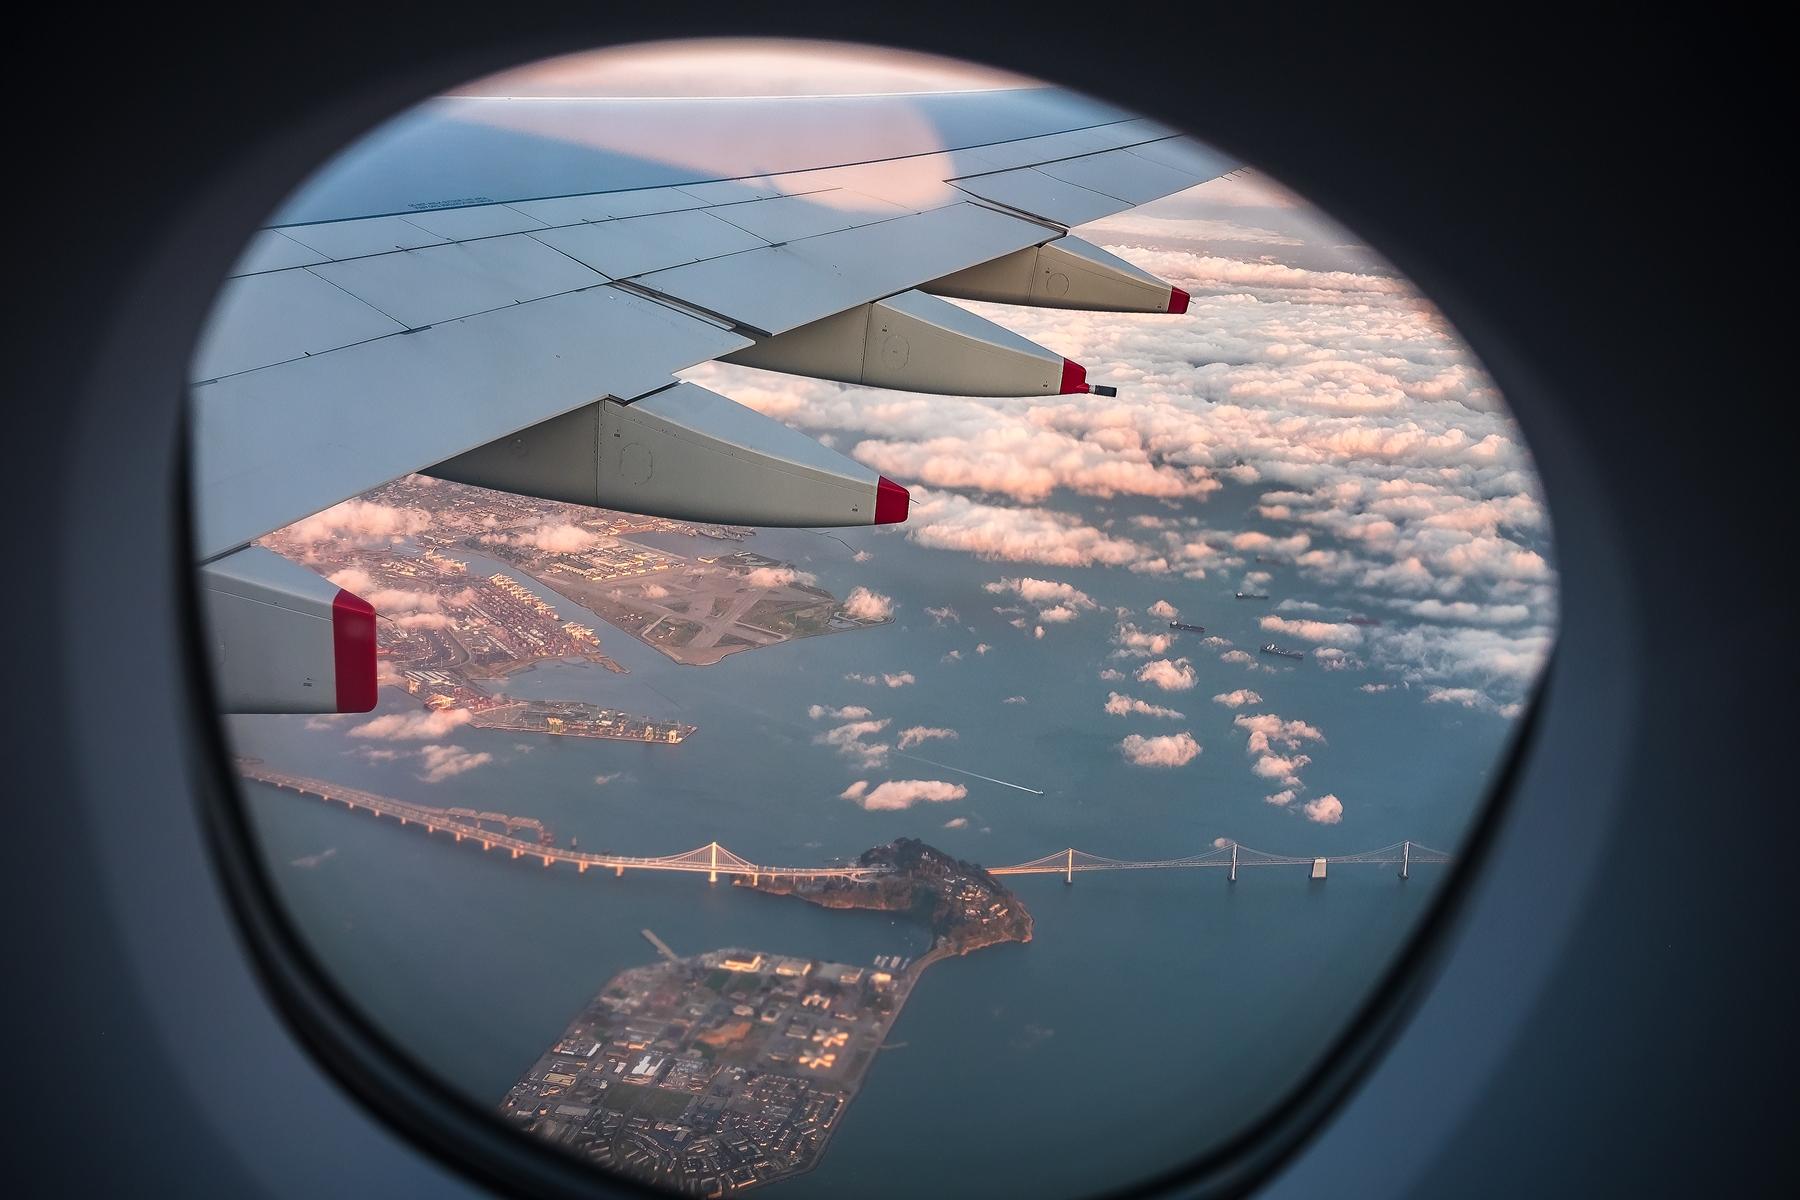 Las compañías aéreas suelen hacerse cargo de ofrecer una alternativa a los viajeros ante un vuelo cancelado o retrasado.